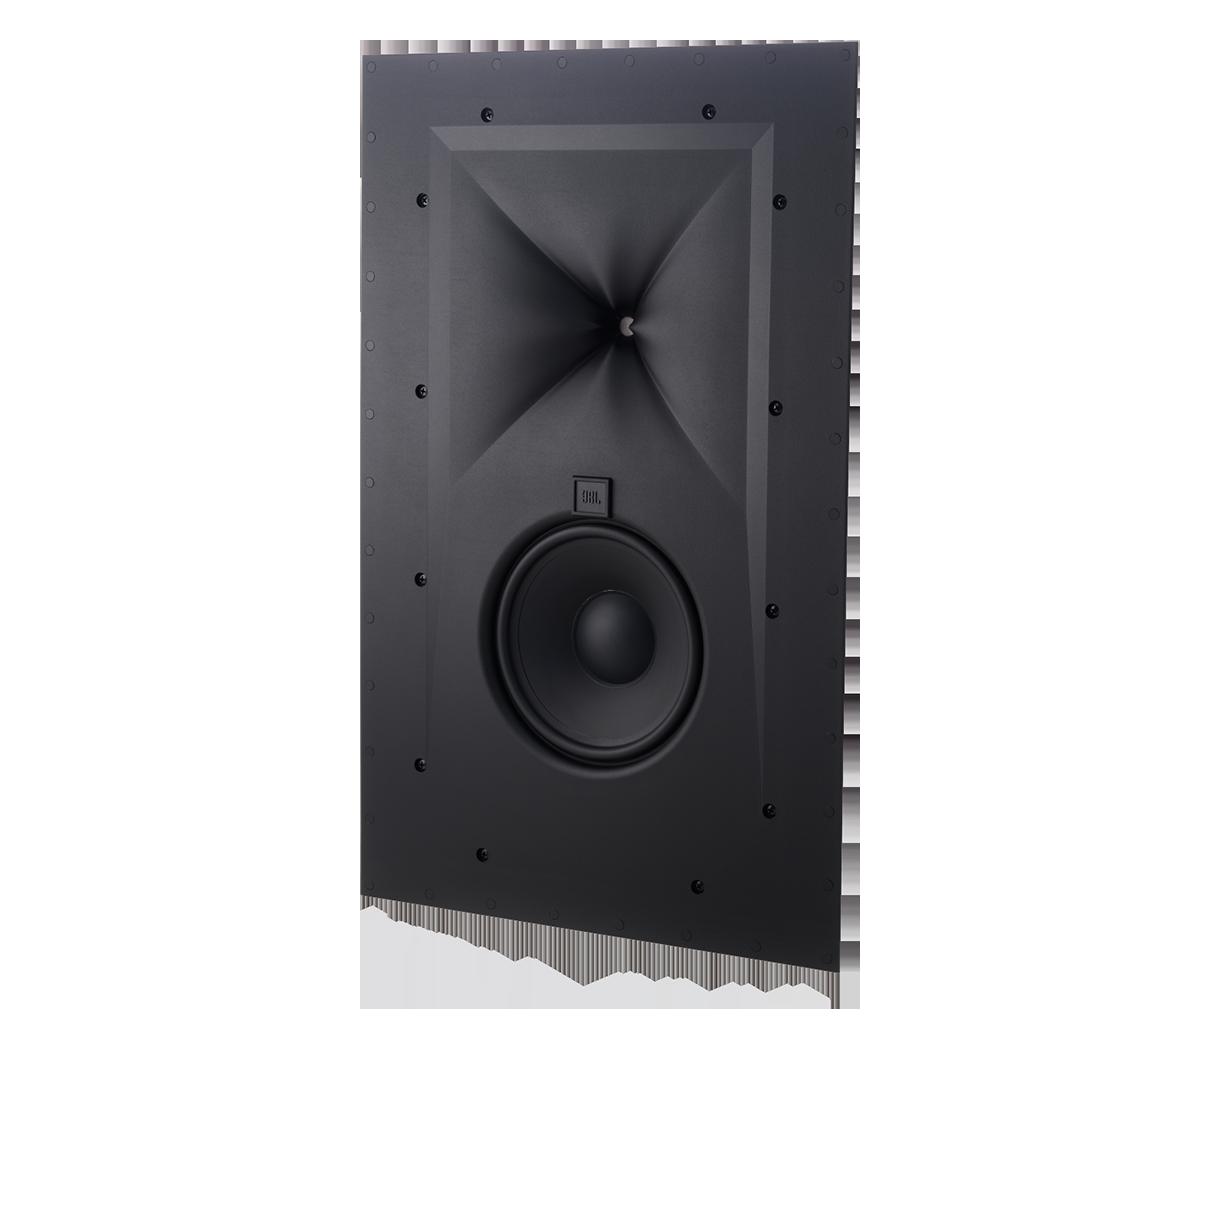 SCL-4 - Black Matte - Two-way 7-inch (180mm) In-Wall Loudspeaker - Hero